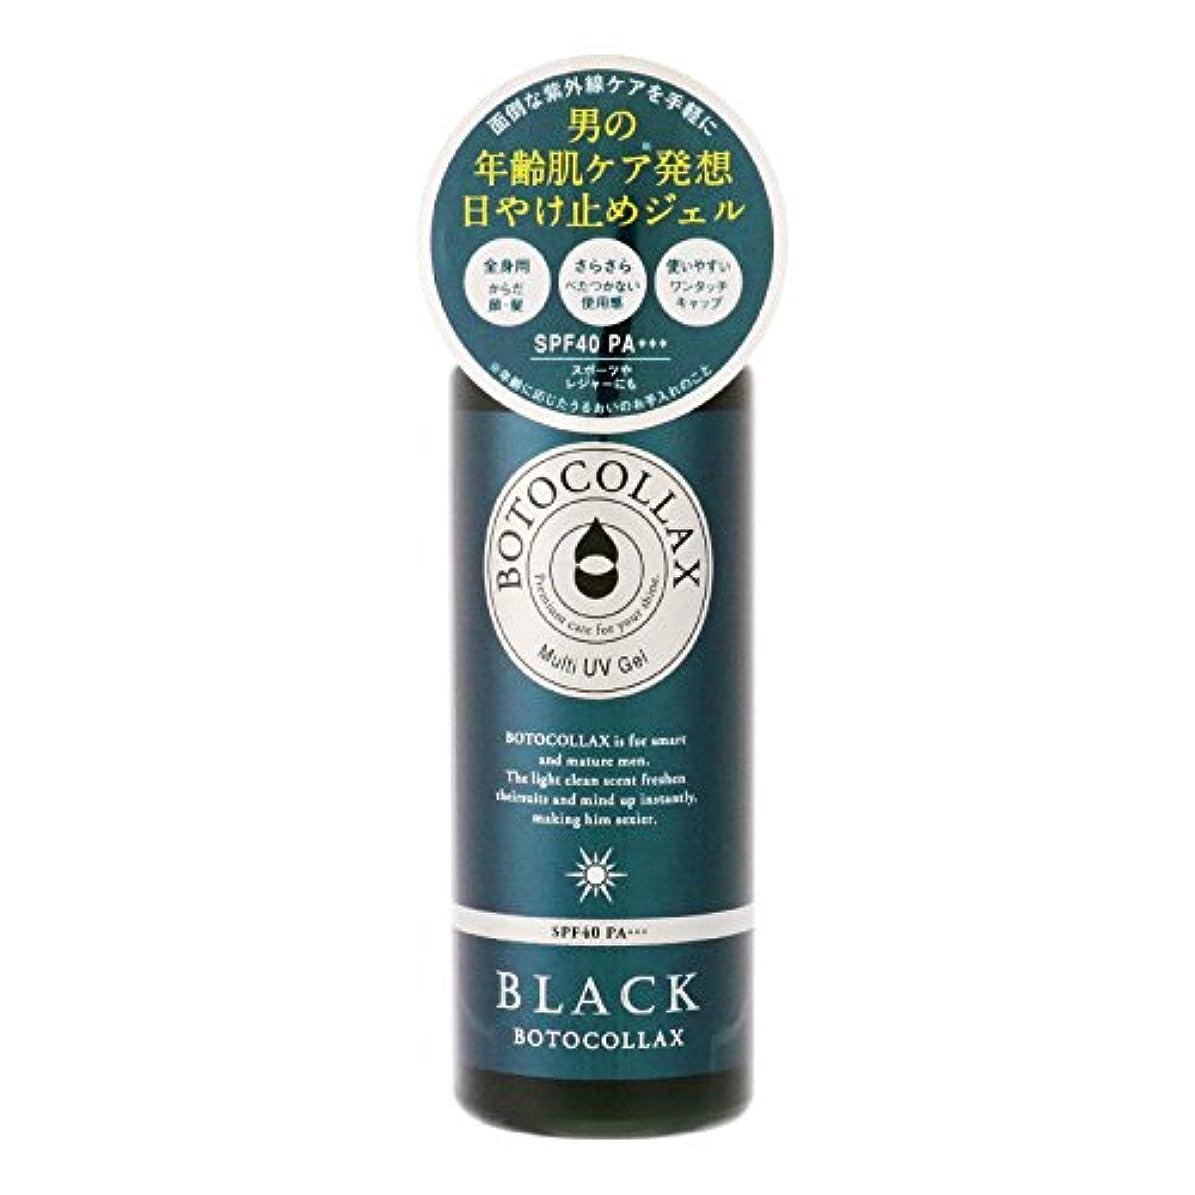 自宅で荒らす衛星ボトコラックスブラック オーシャン マルチUVジェル ベルガモットグリーンの香り 70g